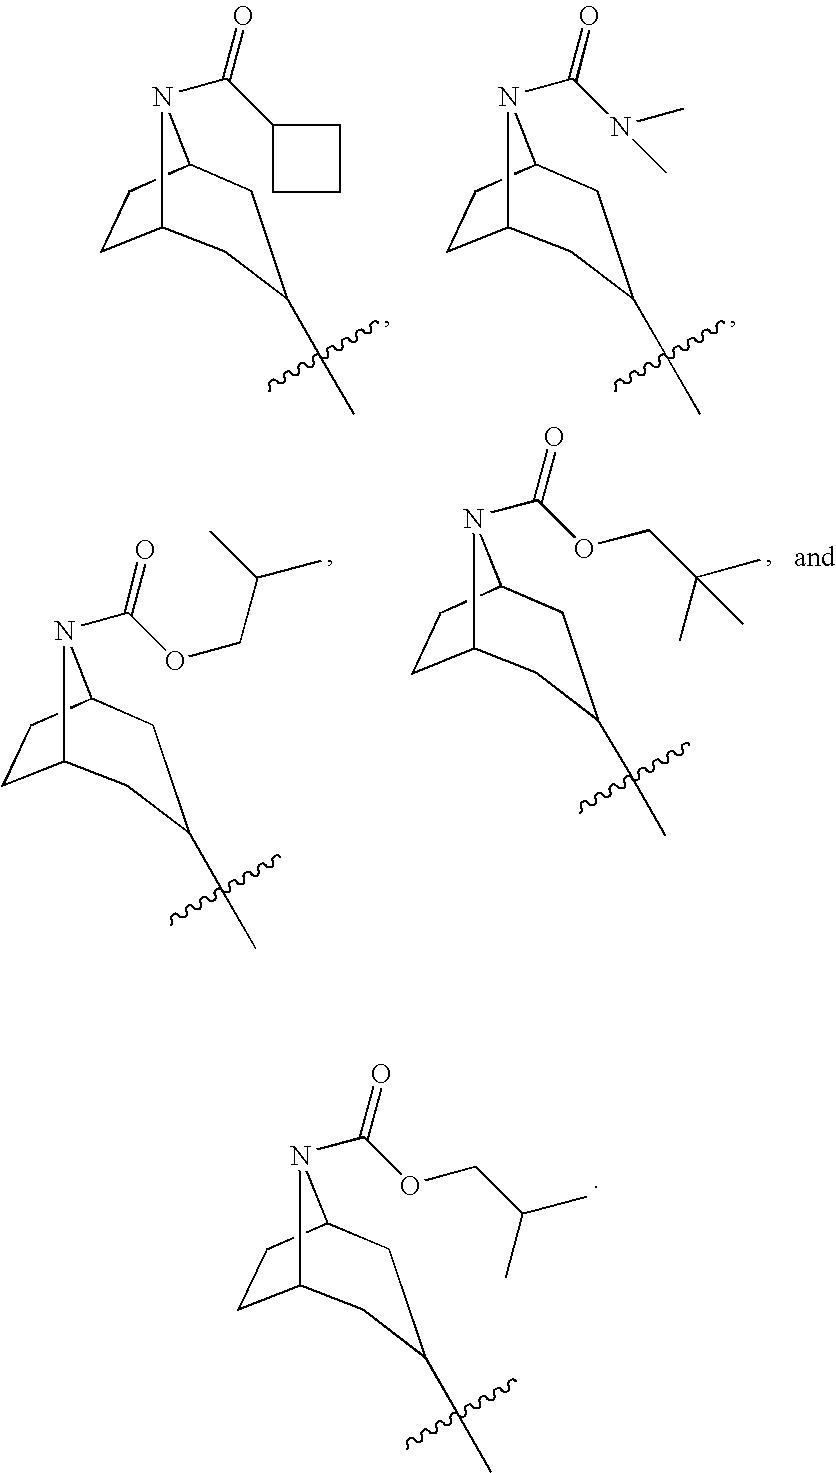 Figure US20070043023A1-20070222-C00016